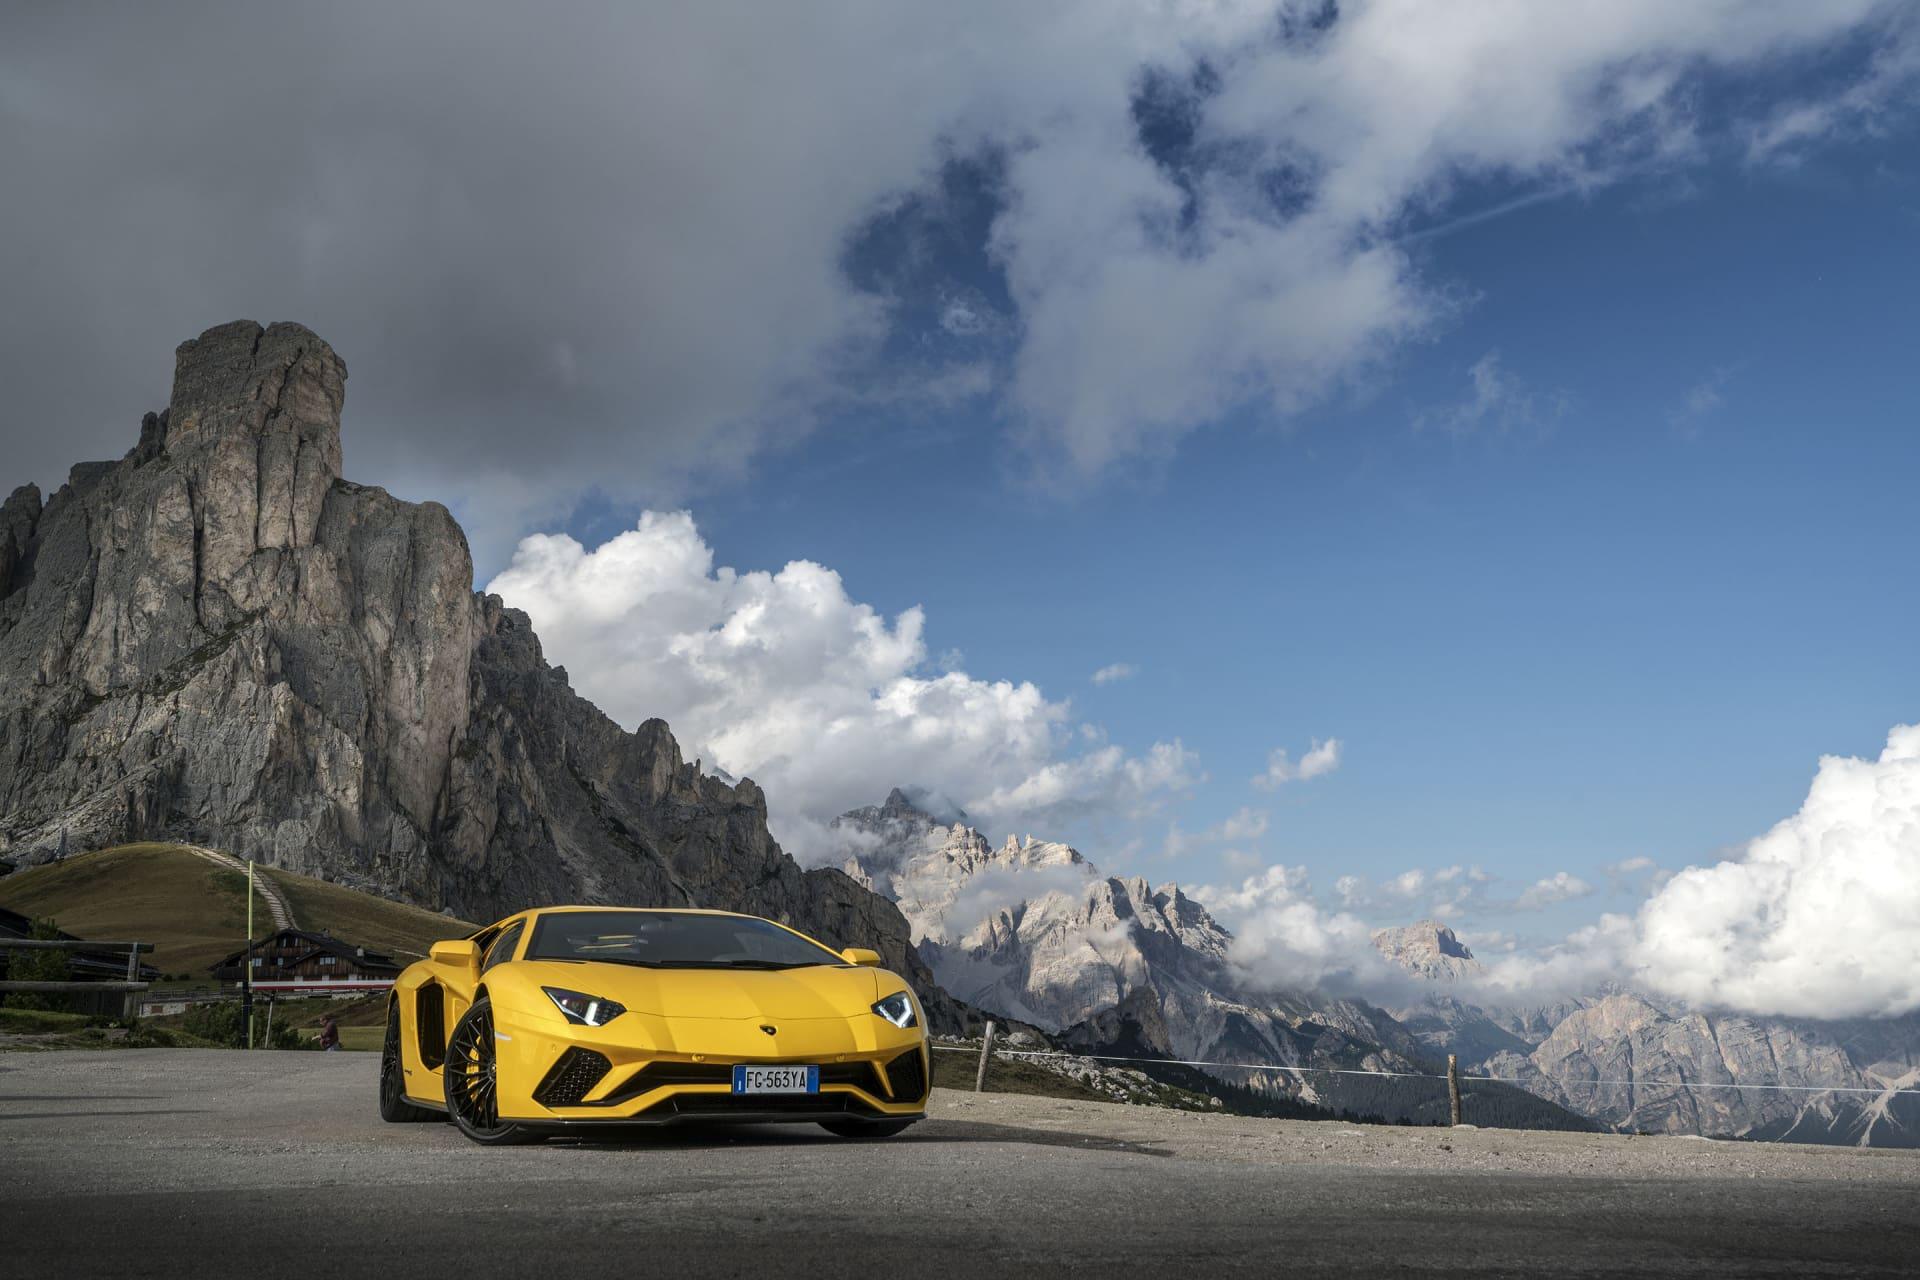 Lamborghini Aveentador S på toppen av Passo Giau ovanför Cortina d'Ampezzo. En fantastisk väg väl värd att köra både för upplevelsen upp, miljön på toppen och vägen ner som slingrar sig likt en orm längs berget.